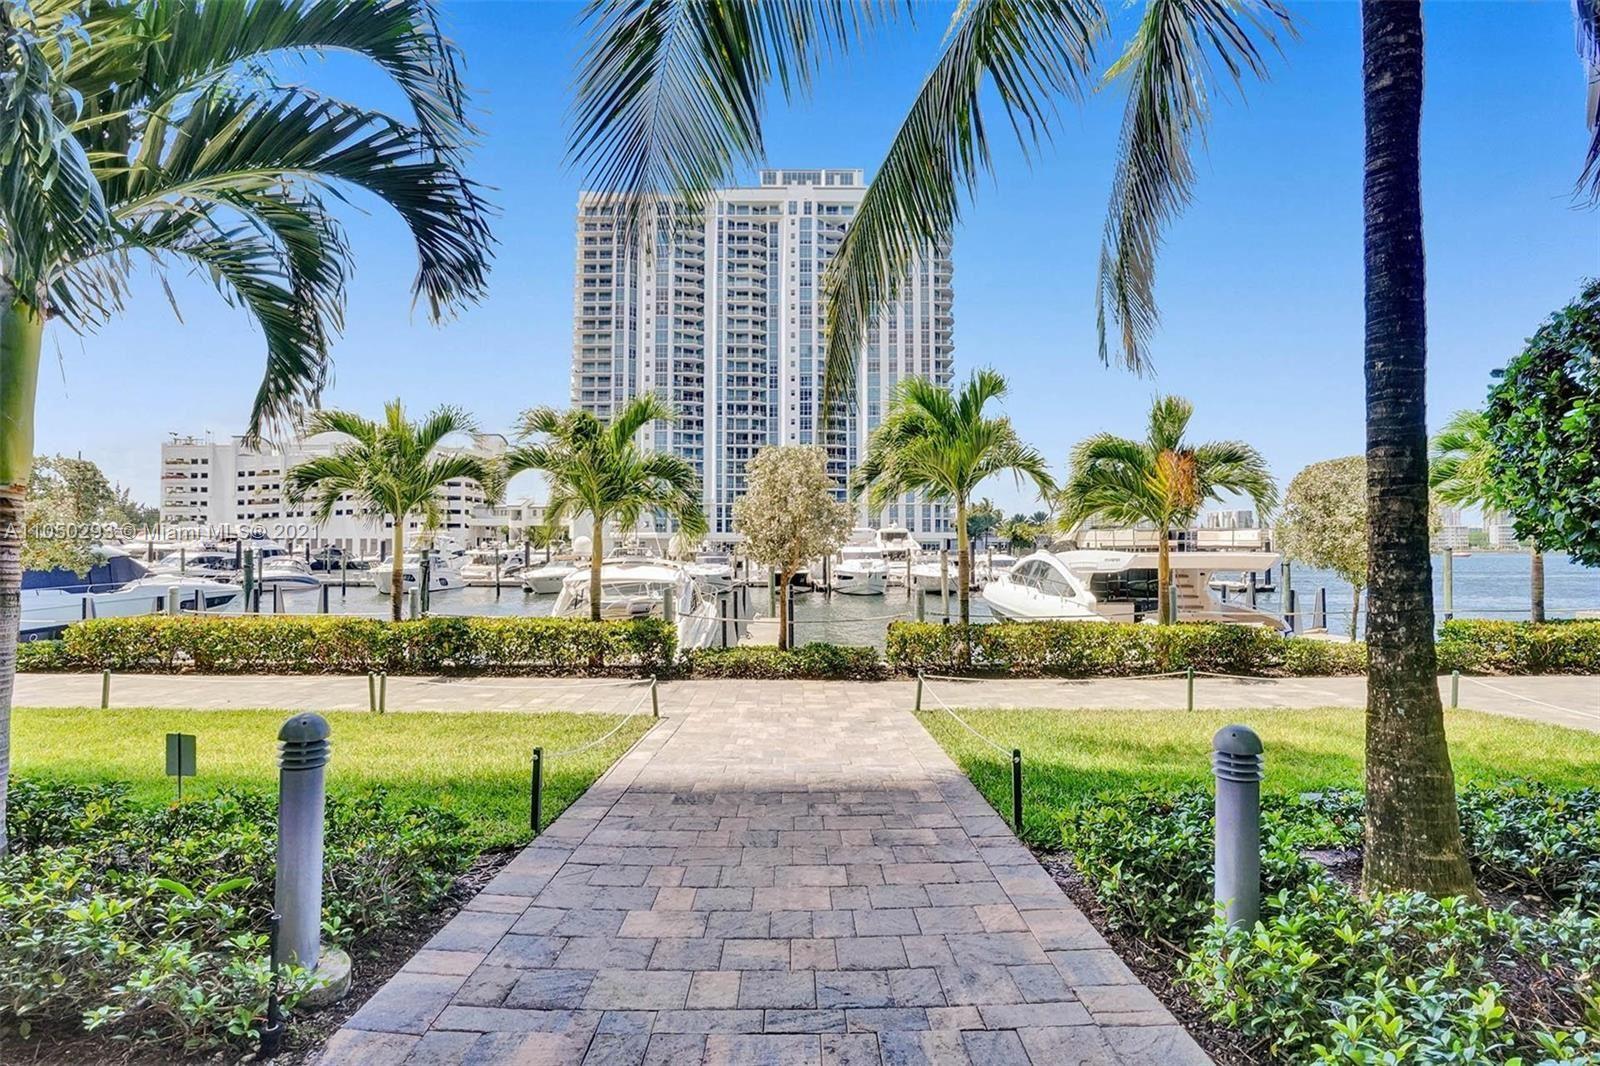 17111 Biscayne Blvd #804, North Miami Beach, FL 33160 - #: A11050293